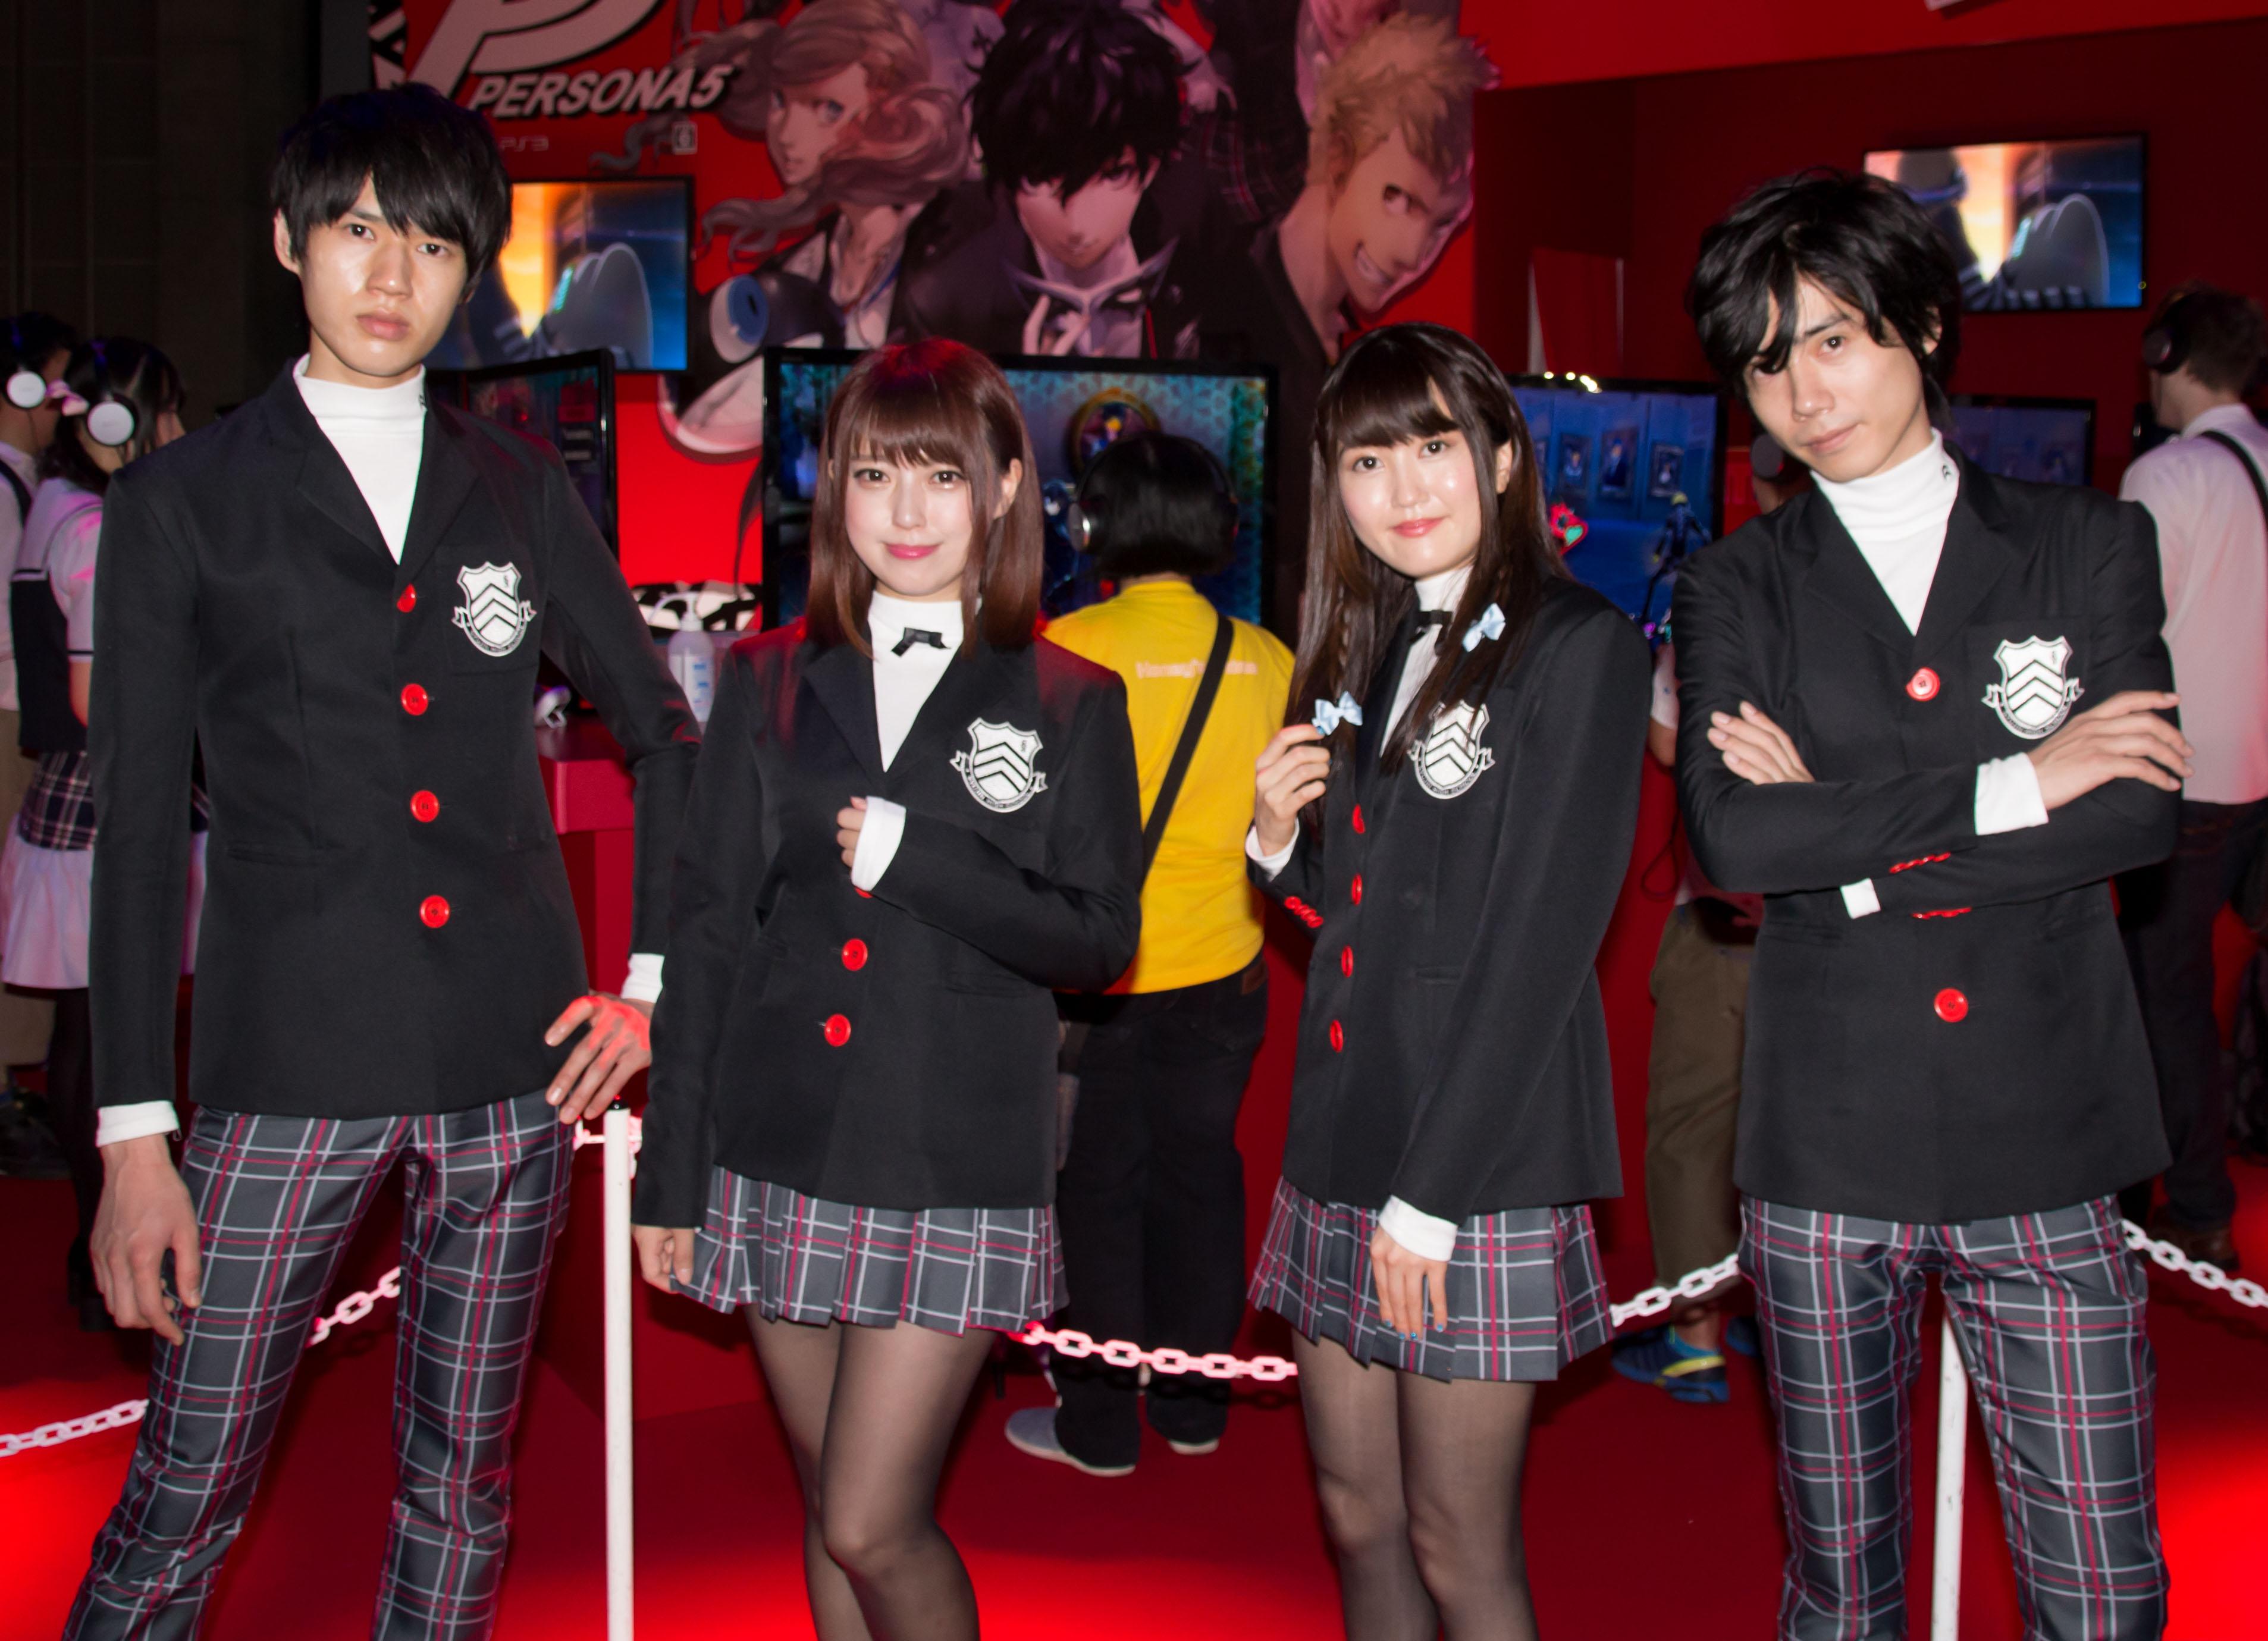 東京ゲームショウ2016 コンパニオンさん写真まとめ(セガゲームス) #TGS2016